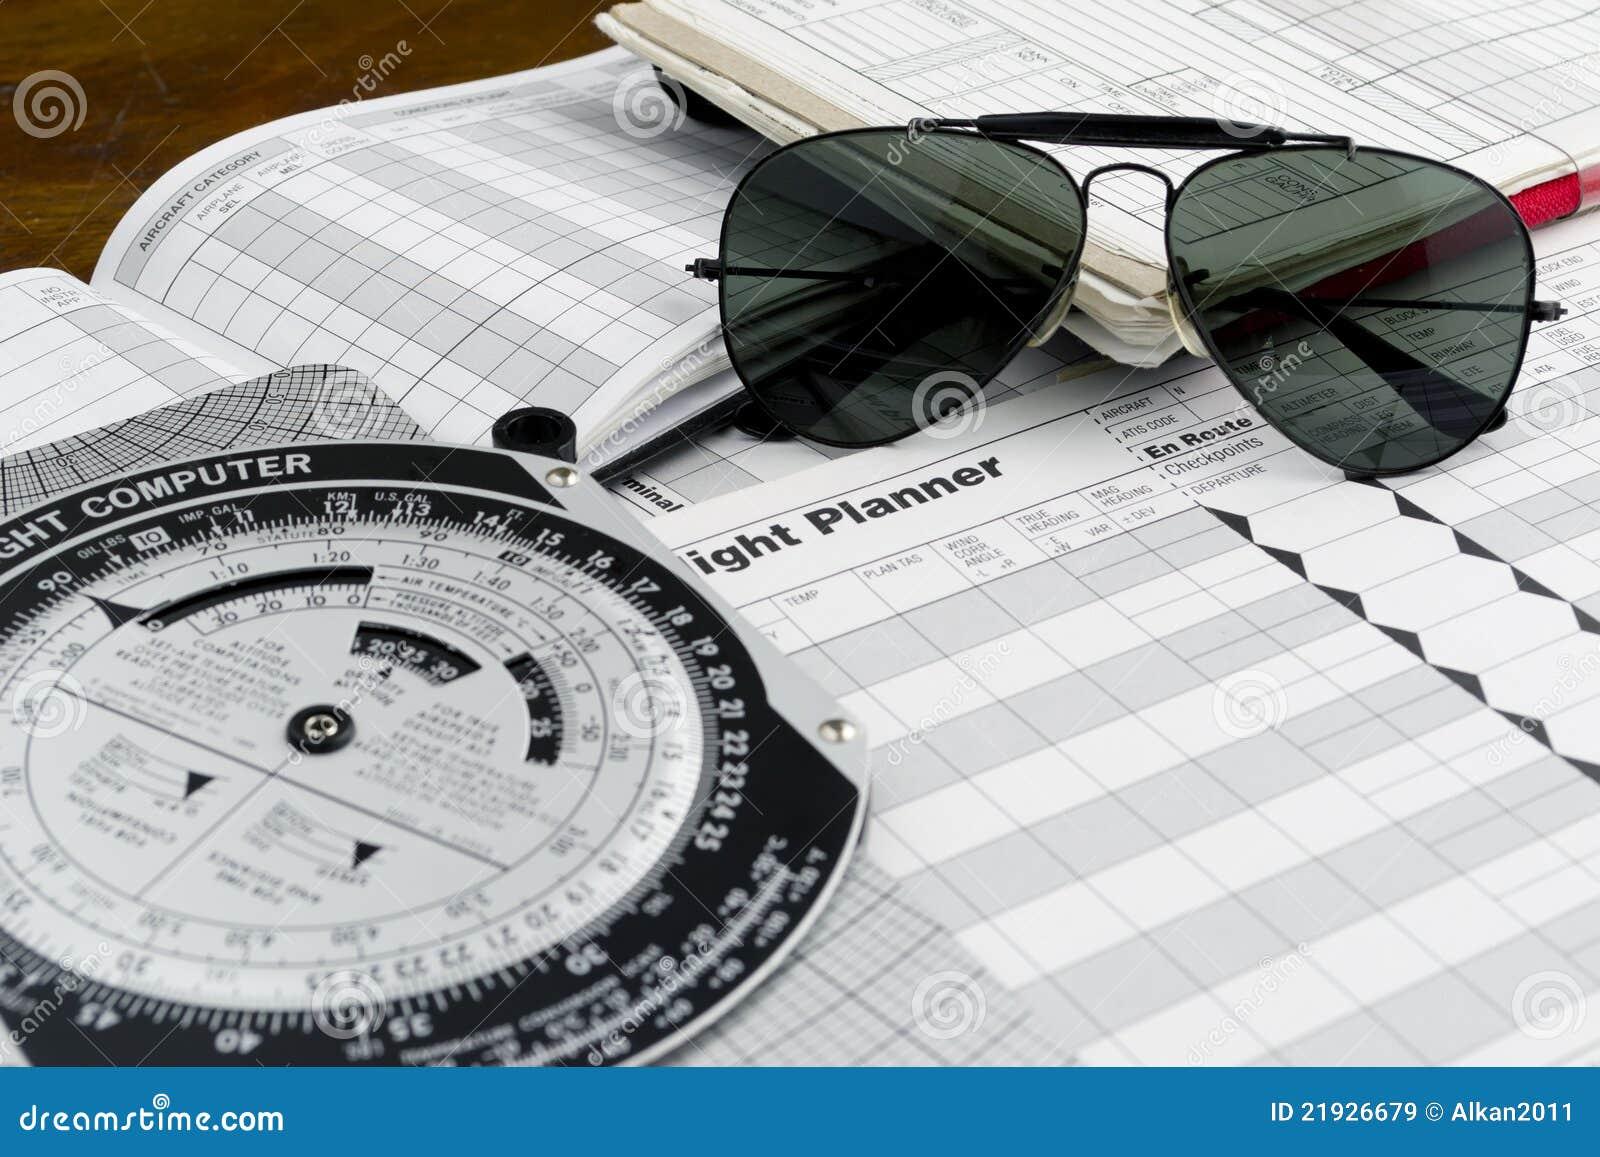 78188087c5 Download γυαλιά ηλίου σχεδίων πτήσ στοκ εικόνα. εικόνα από μεταφορά -  21926679